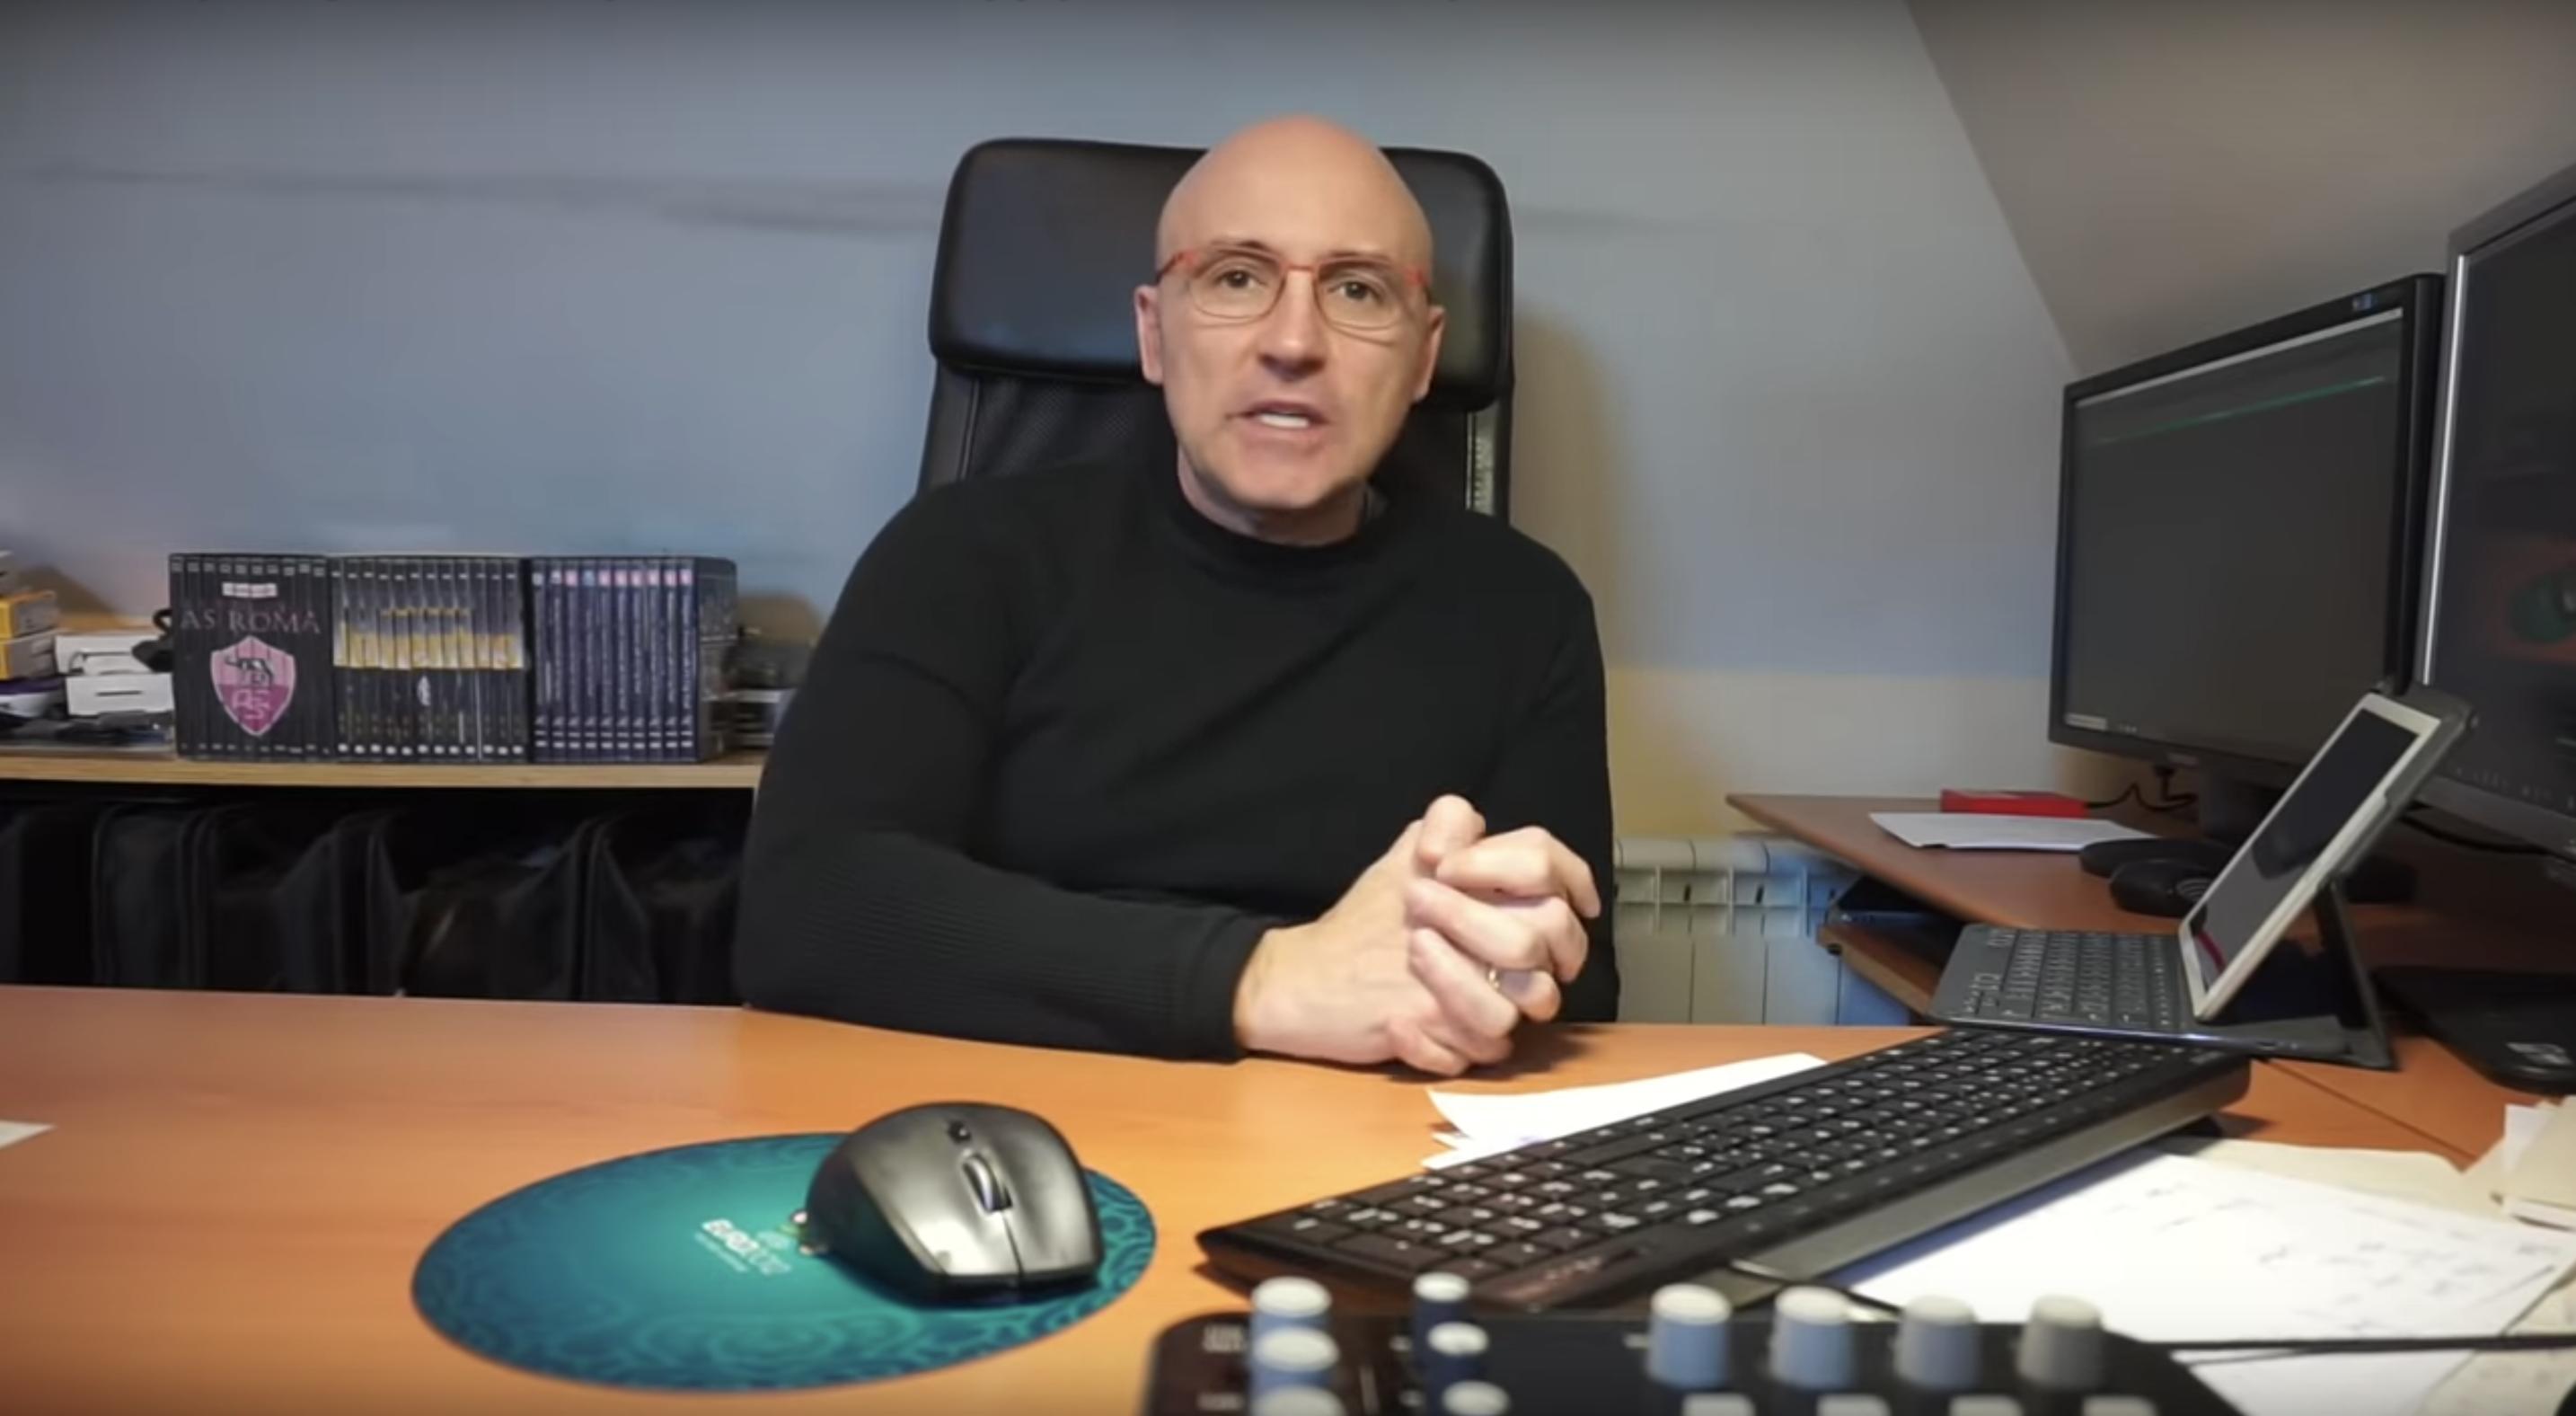 Maldini, el periodista, sentado delante de un ordenador